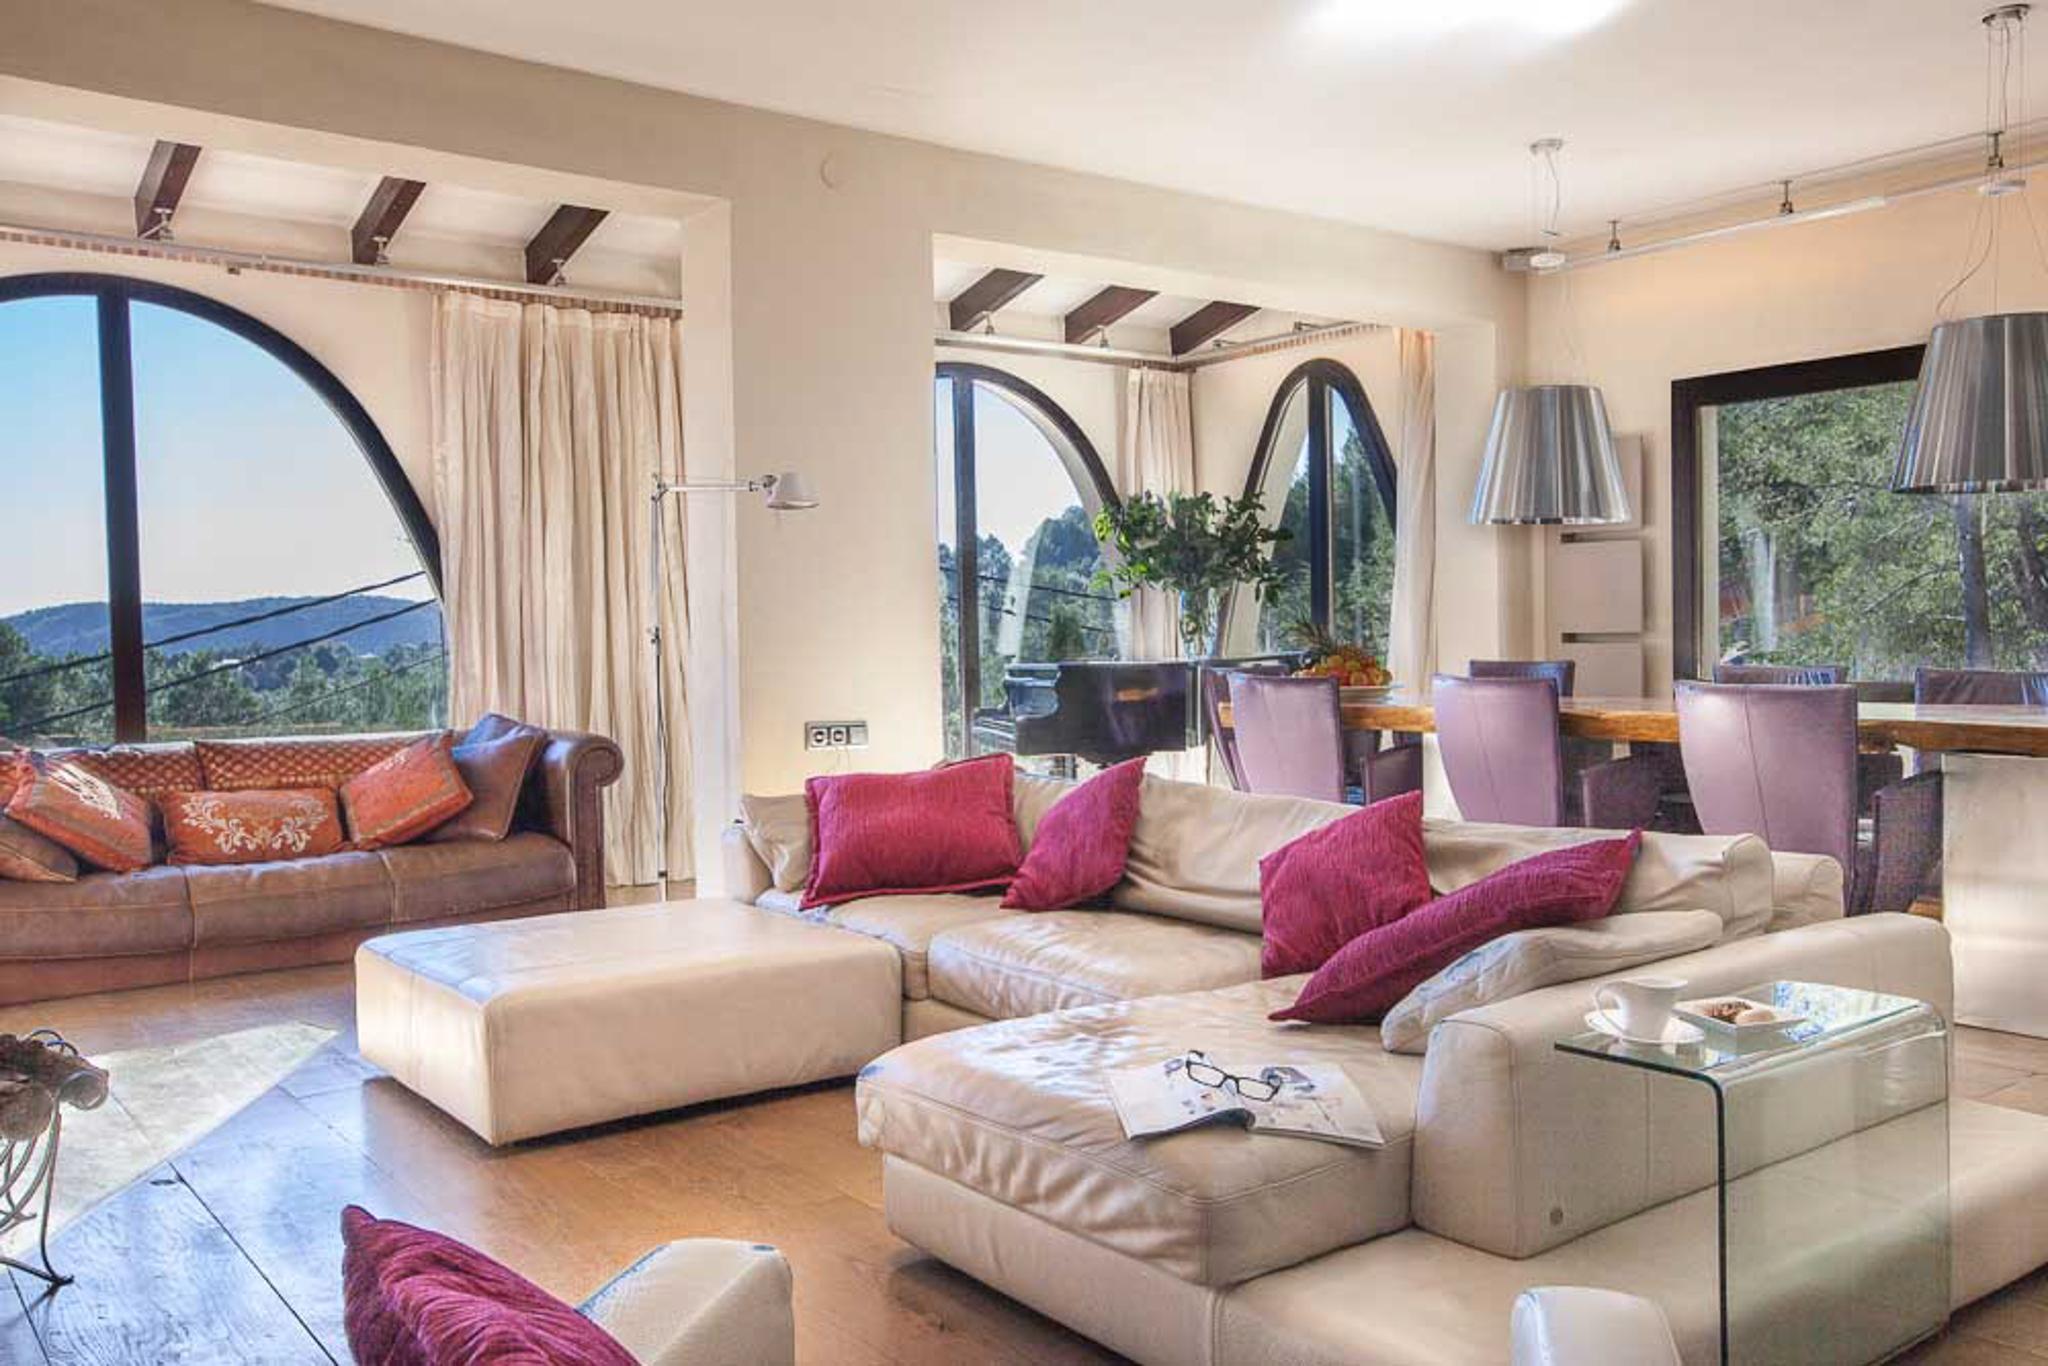 Ferienhaus Villa Palmera, Paradies in der Nhe von Barcelona, luxurise Villa fr 22 Personen (2379177), Olivella, Costa del Garraf, Katalonien, Spanien, Bild 21